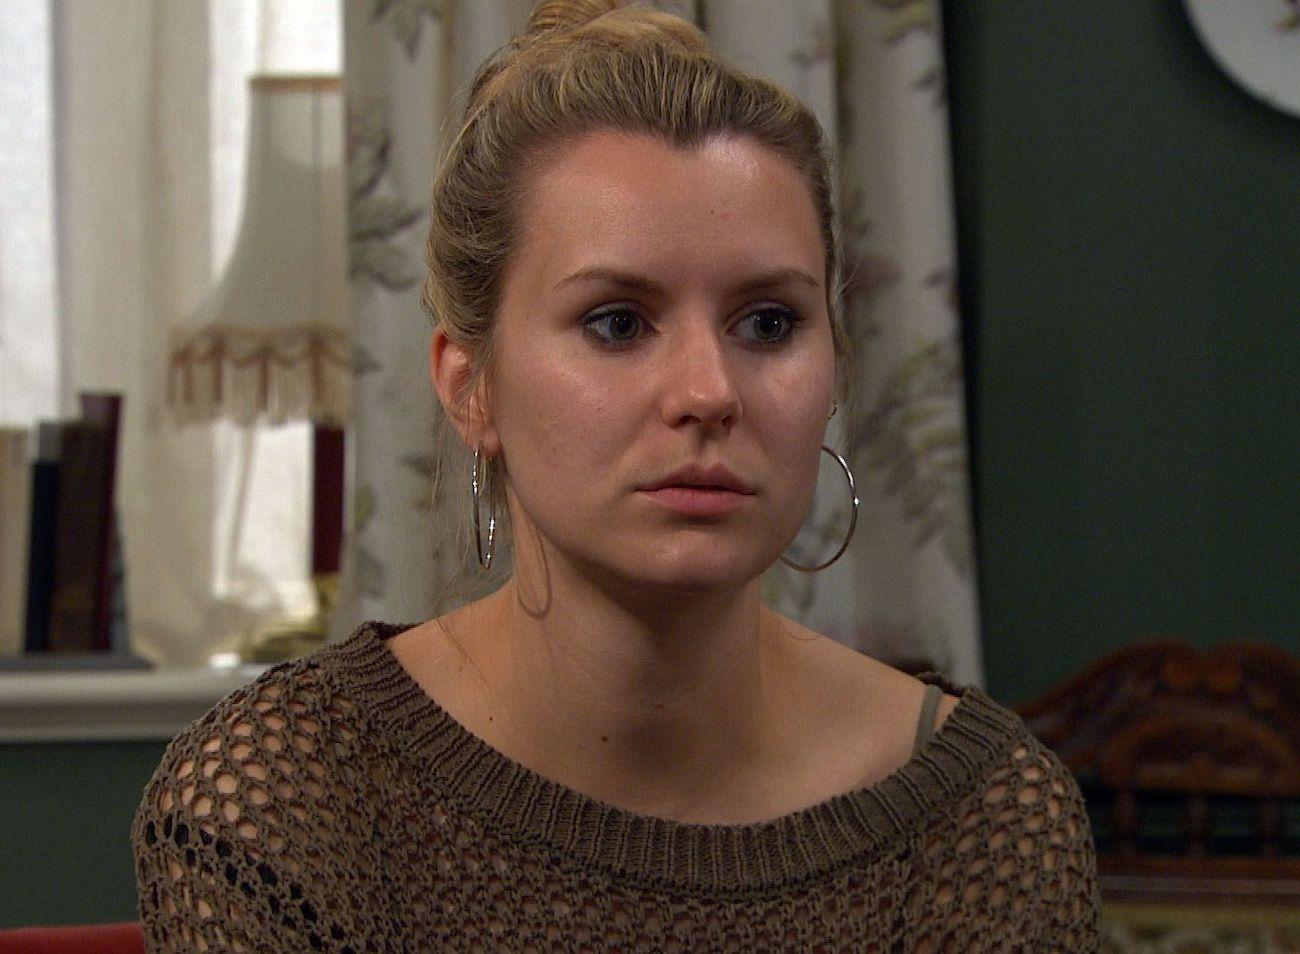 Dawn Taylor emmerdale (Credit: ITV)